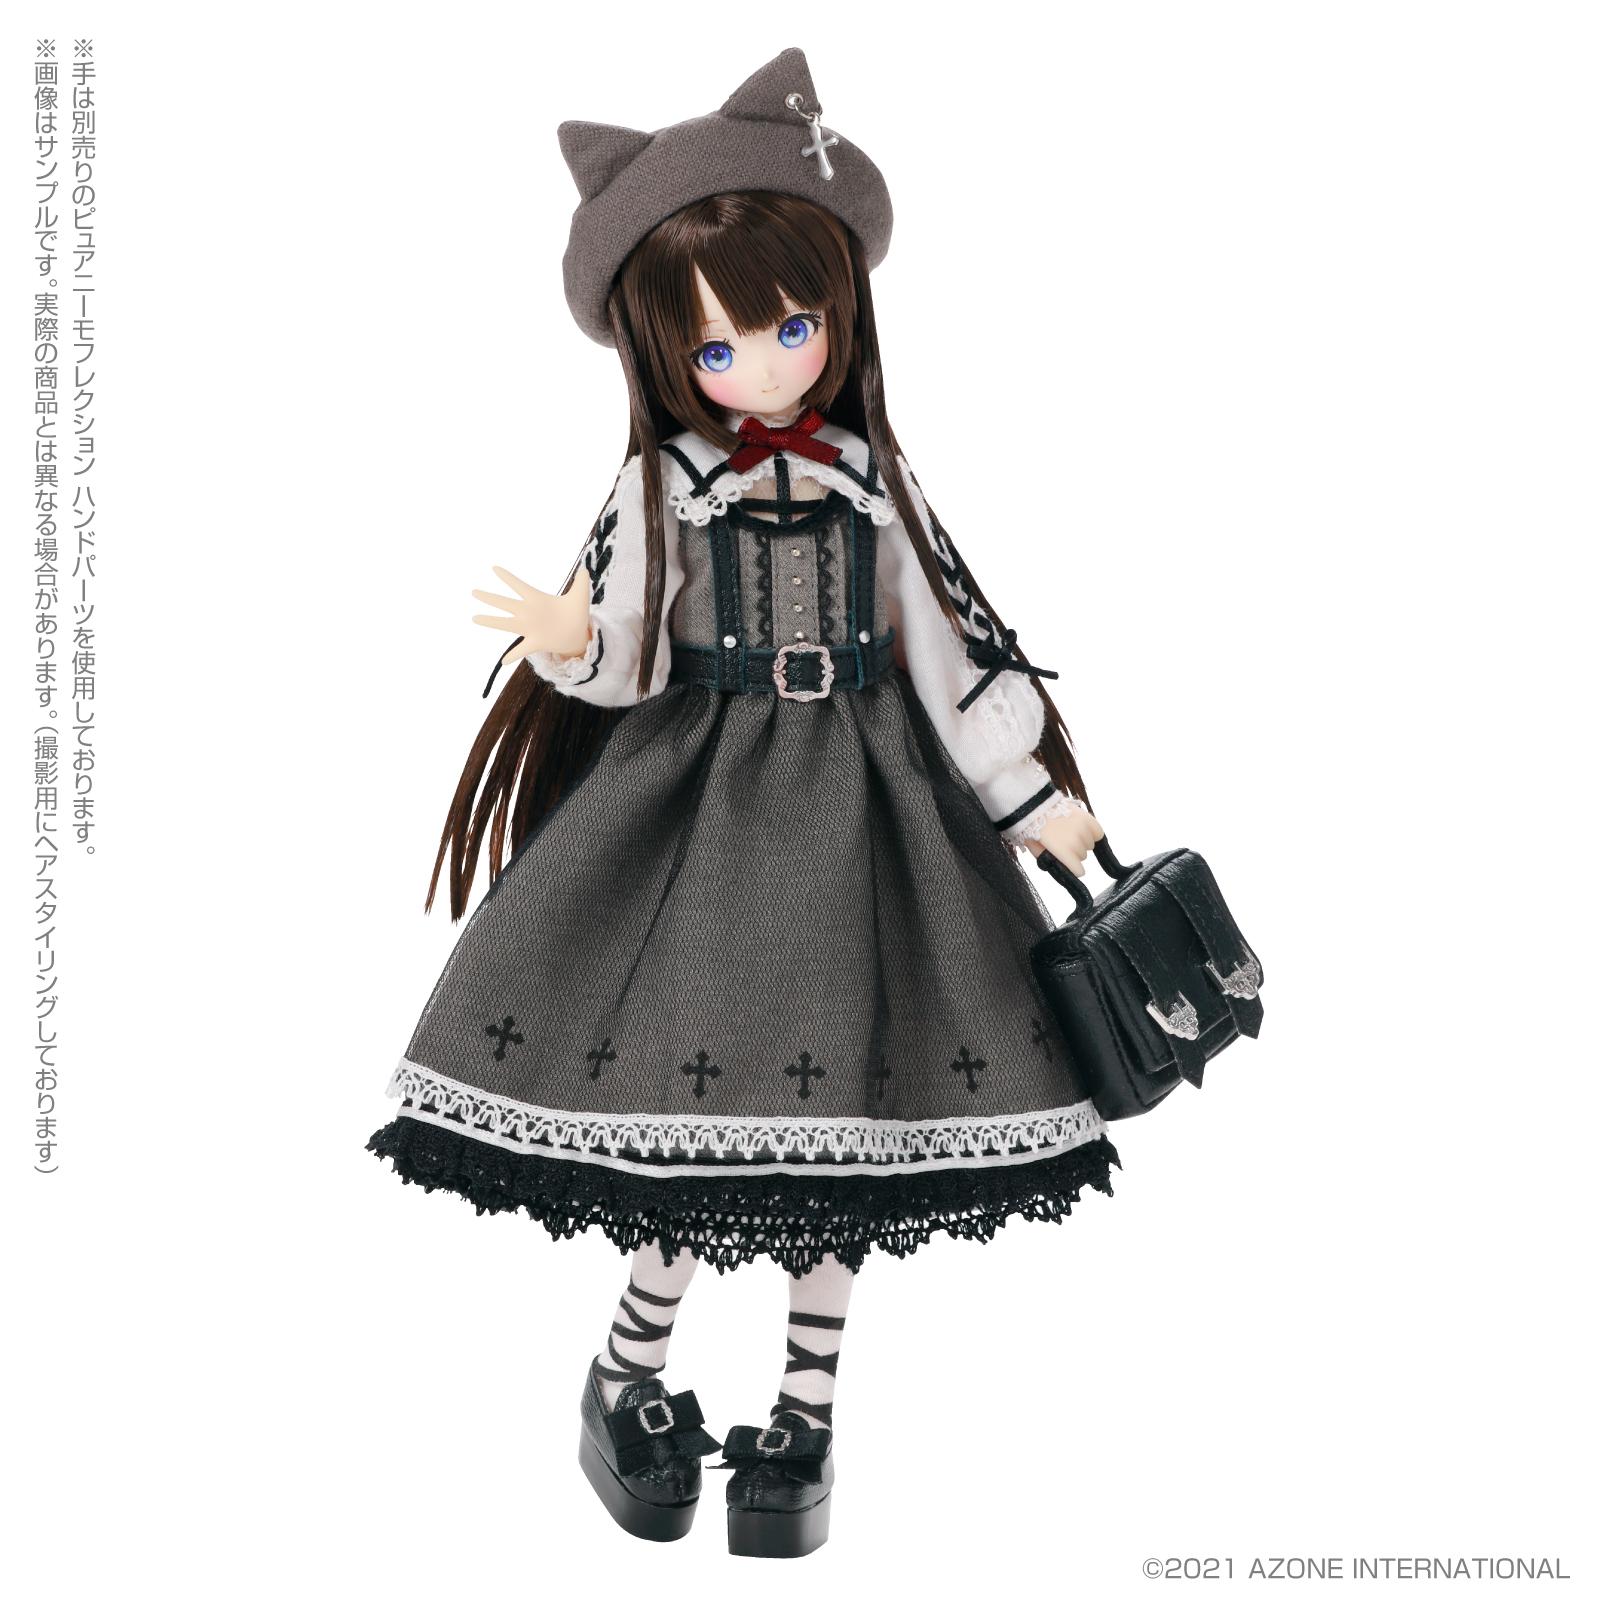 ルミナス*ストリート『みい/Mii ~Cat walking path~(通常販売ver.)』Luminous*Street 1/6 完成品ドール-001